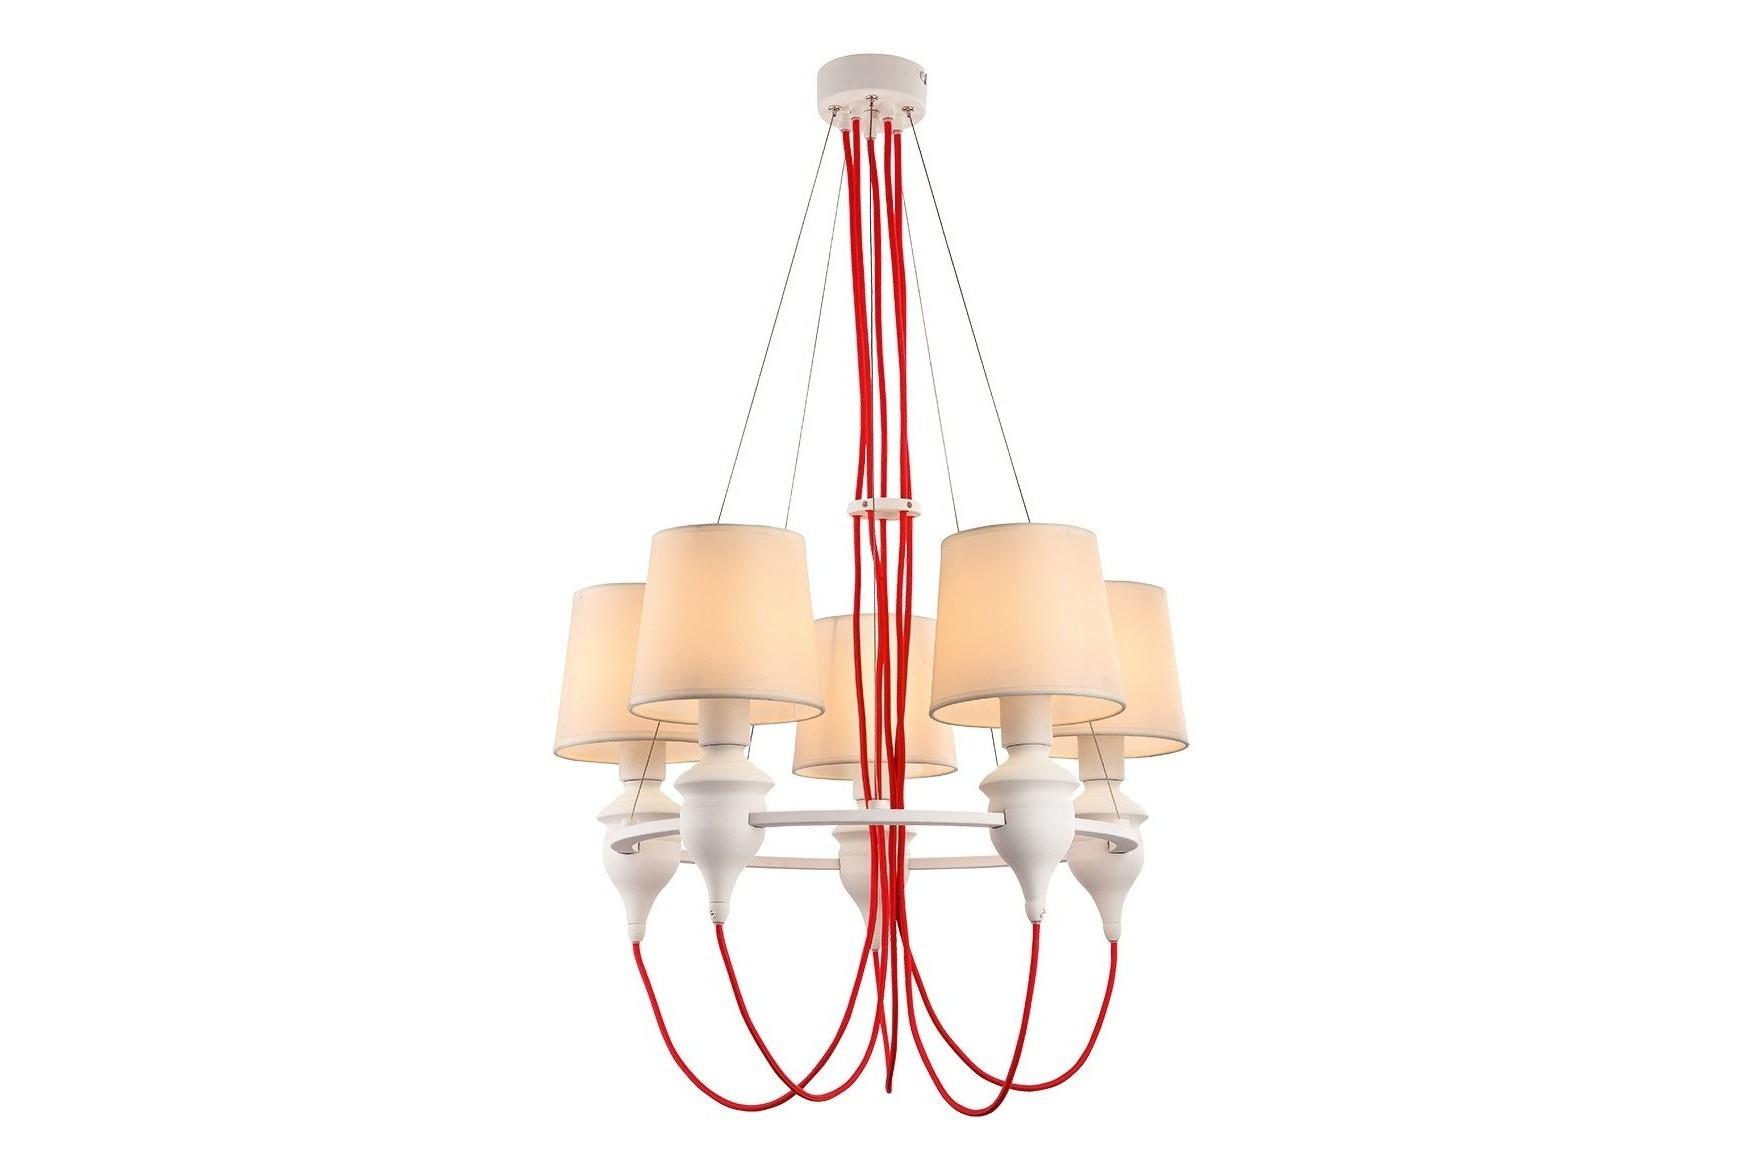 Светильник подвеснойЛюстры подвесные<br>&amp;lt;div&amp;gt;Цоколь: E14&amp;lt;/div&amp;gt;&amp;lt;div&amp;gt;Мощность лампы: 40W&amp;lt;/div&amp;gt;&amp;lt;div&amp;gt;Количество ламп: 5&amp;lt;/div&amp;gt;<br><br>Material: Металл<br>Height см: 90<br>Diameter см: 60